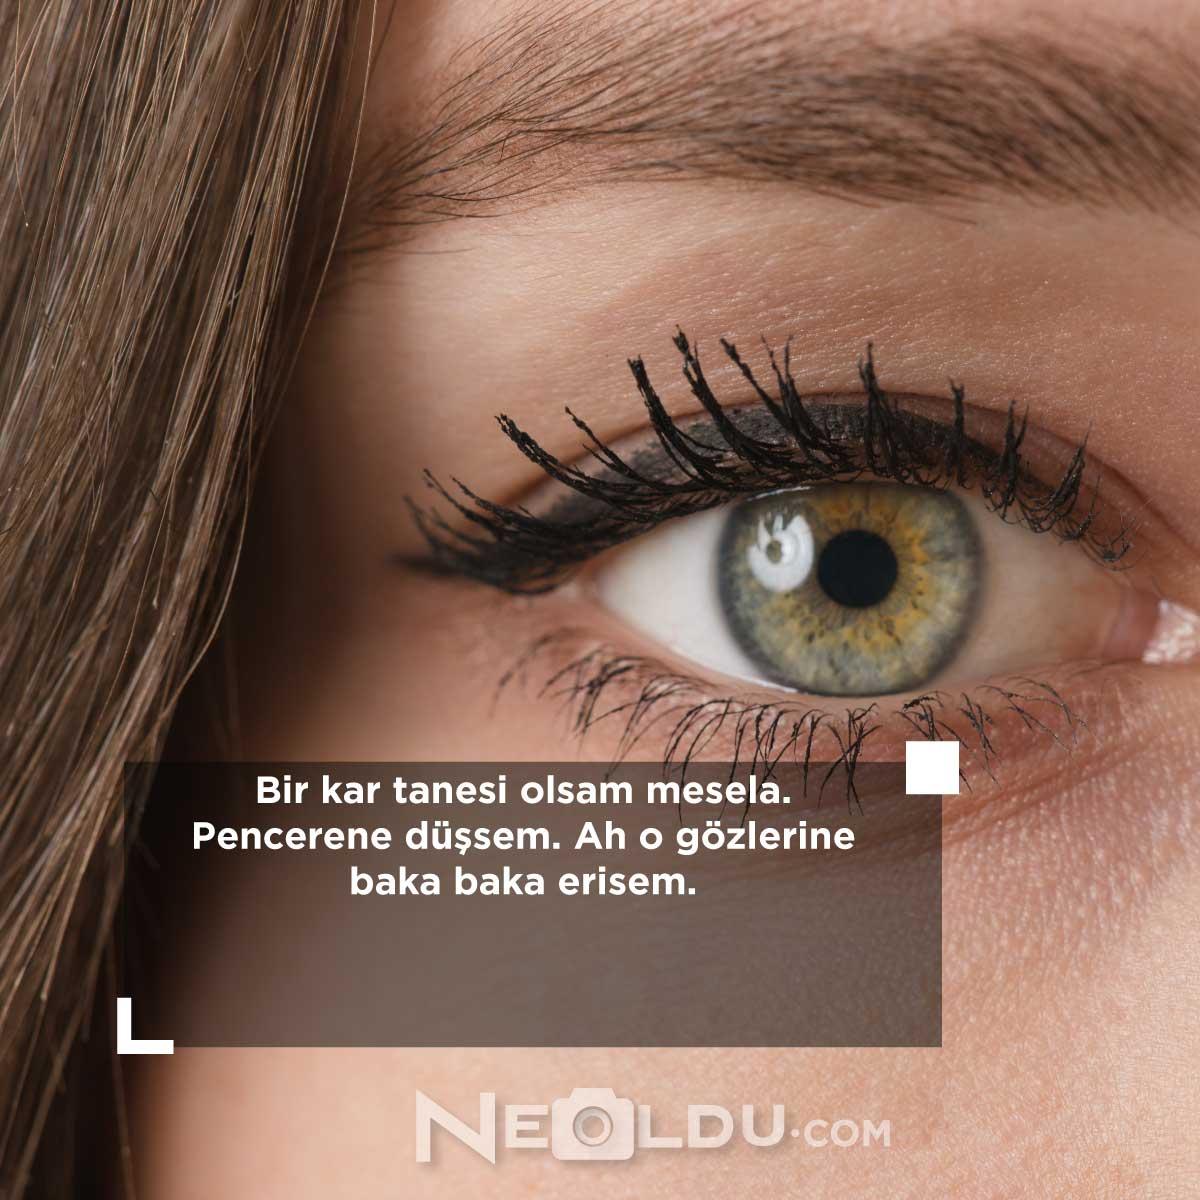 Göz ile ilgili Sözler